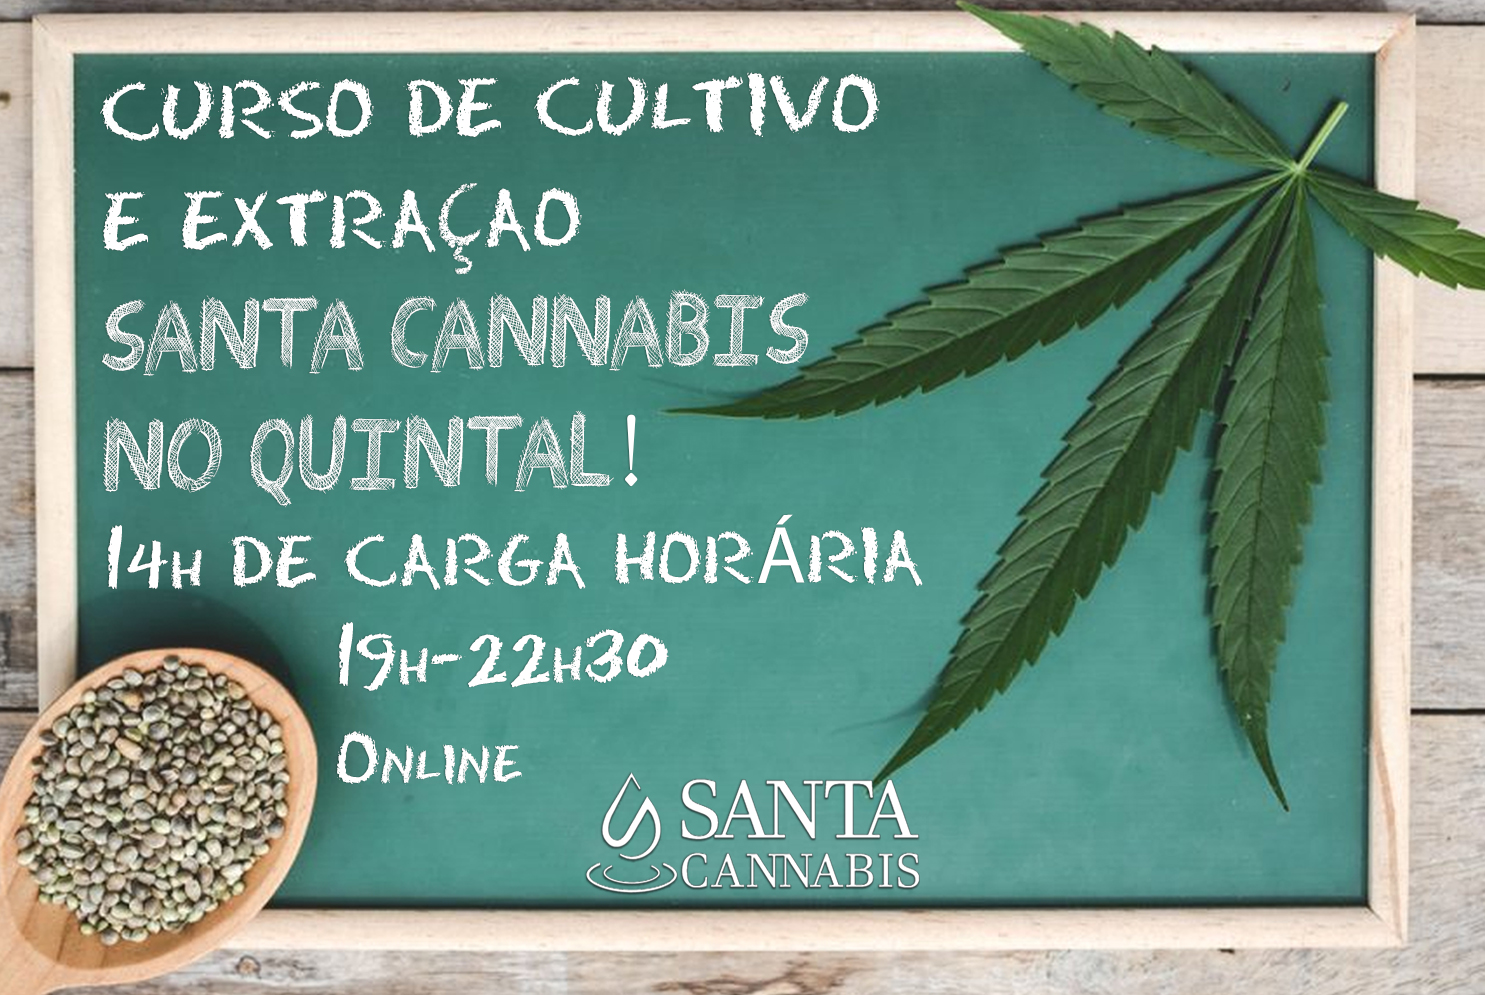 Curso de Cultivo e Extração Santa Cannabis no Quintal – INSCREVA-SE